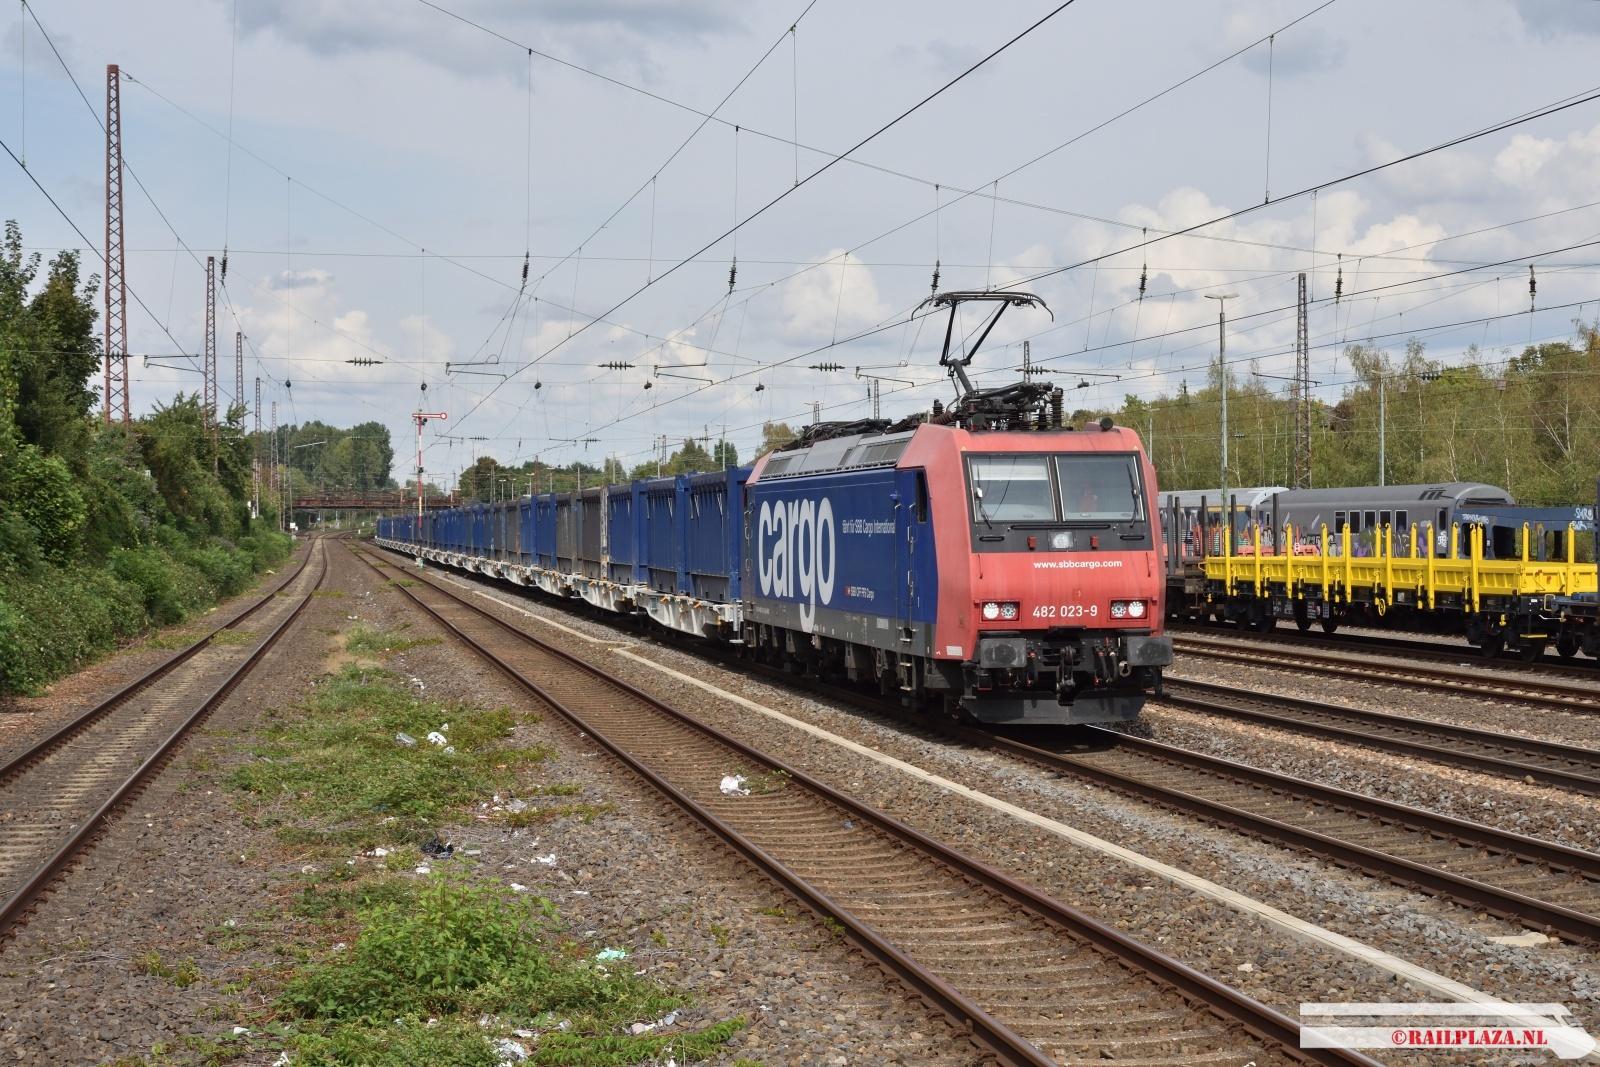 482 023 - Düsseldorf Rath